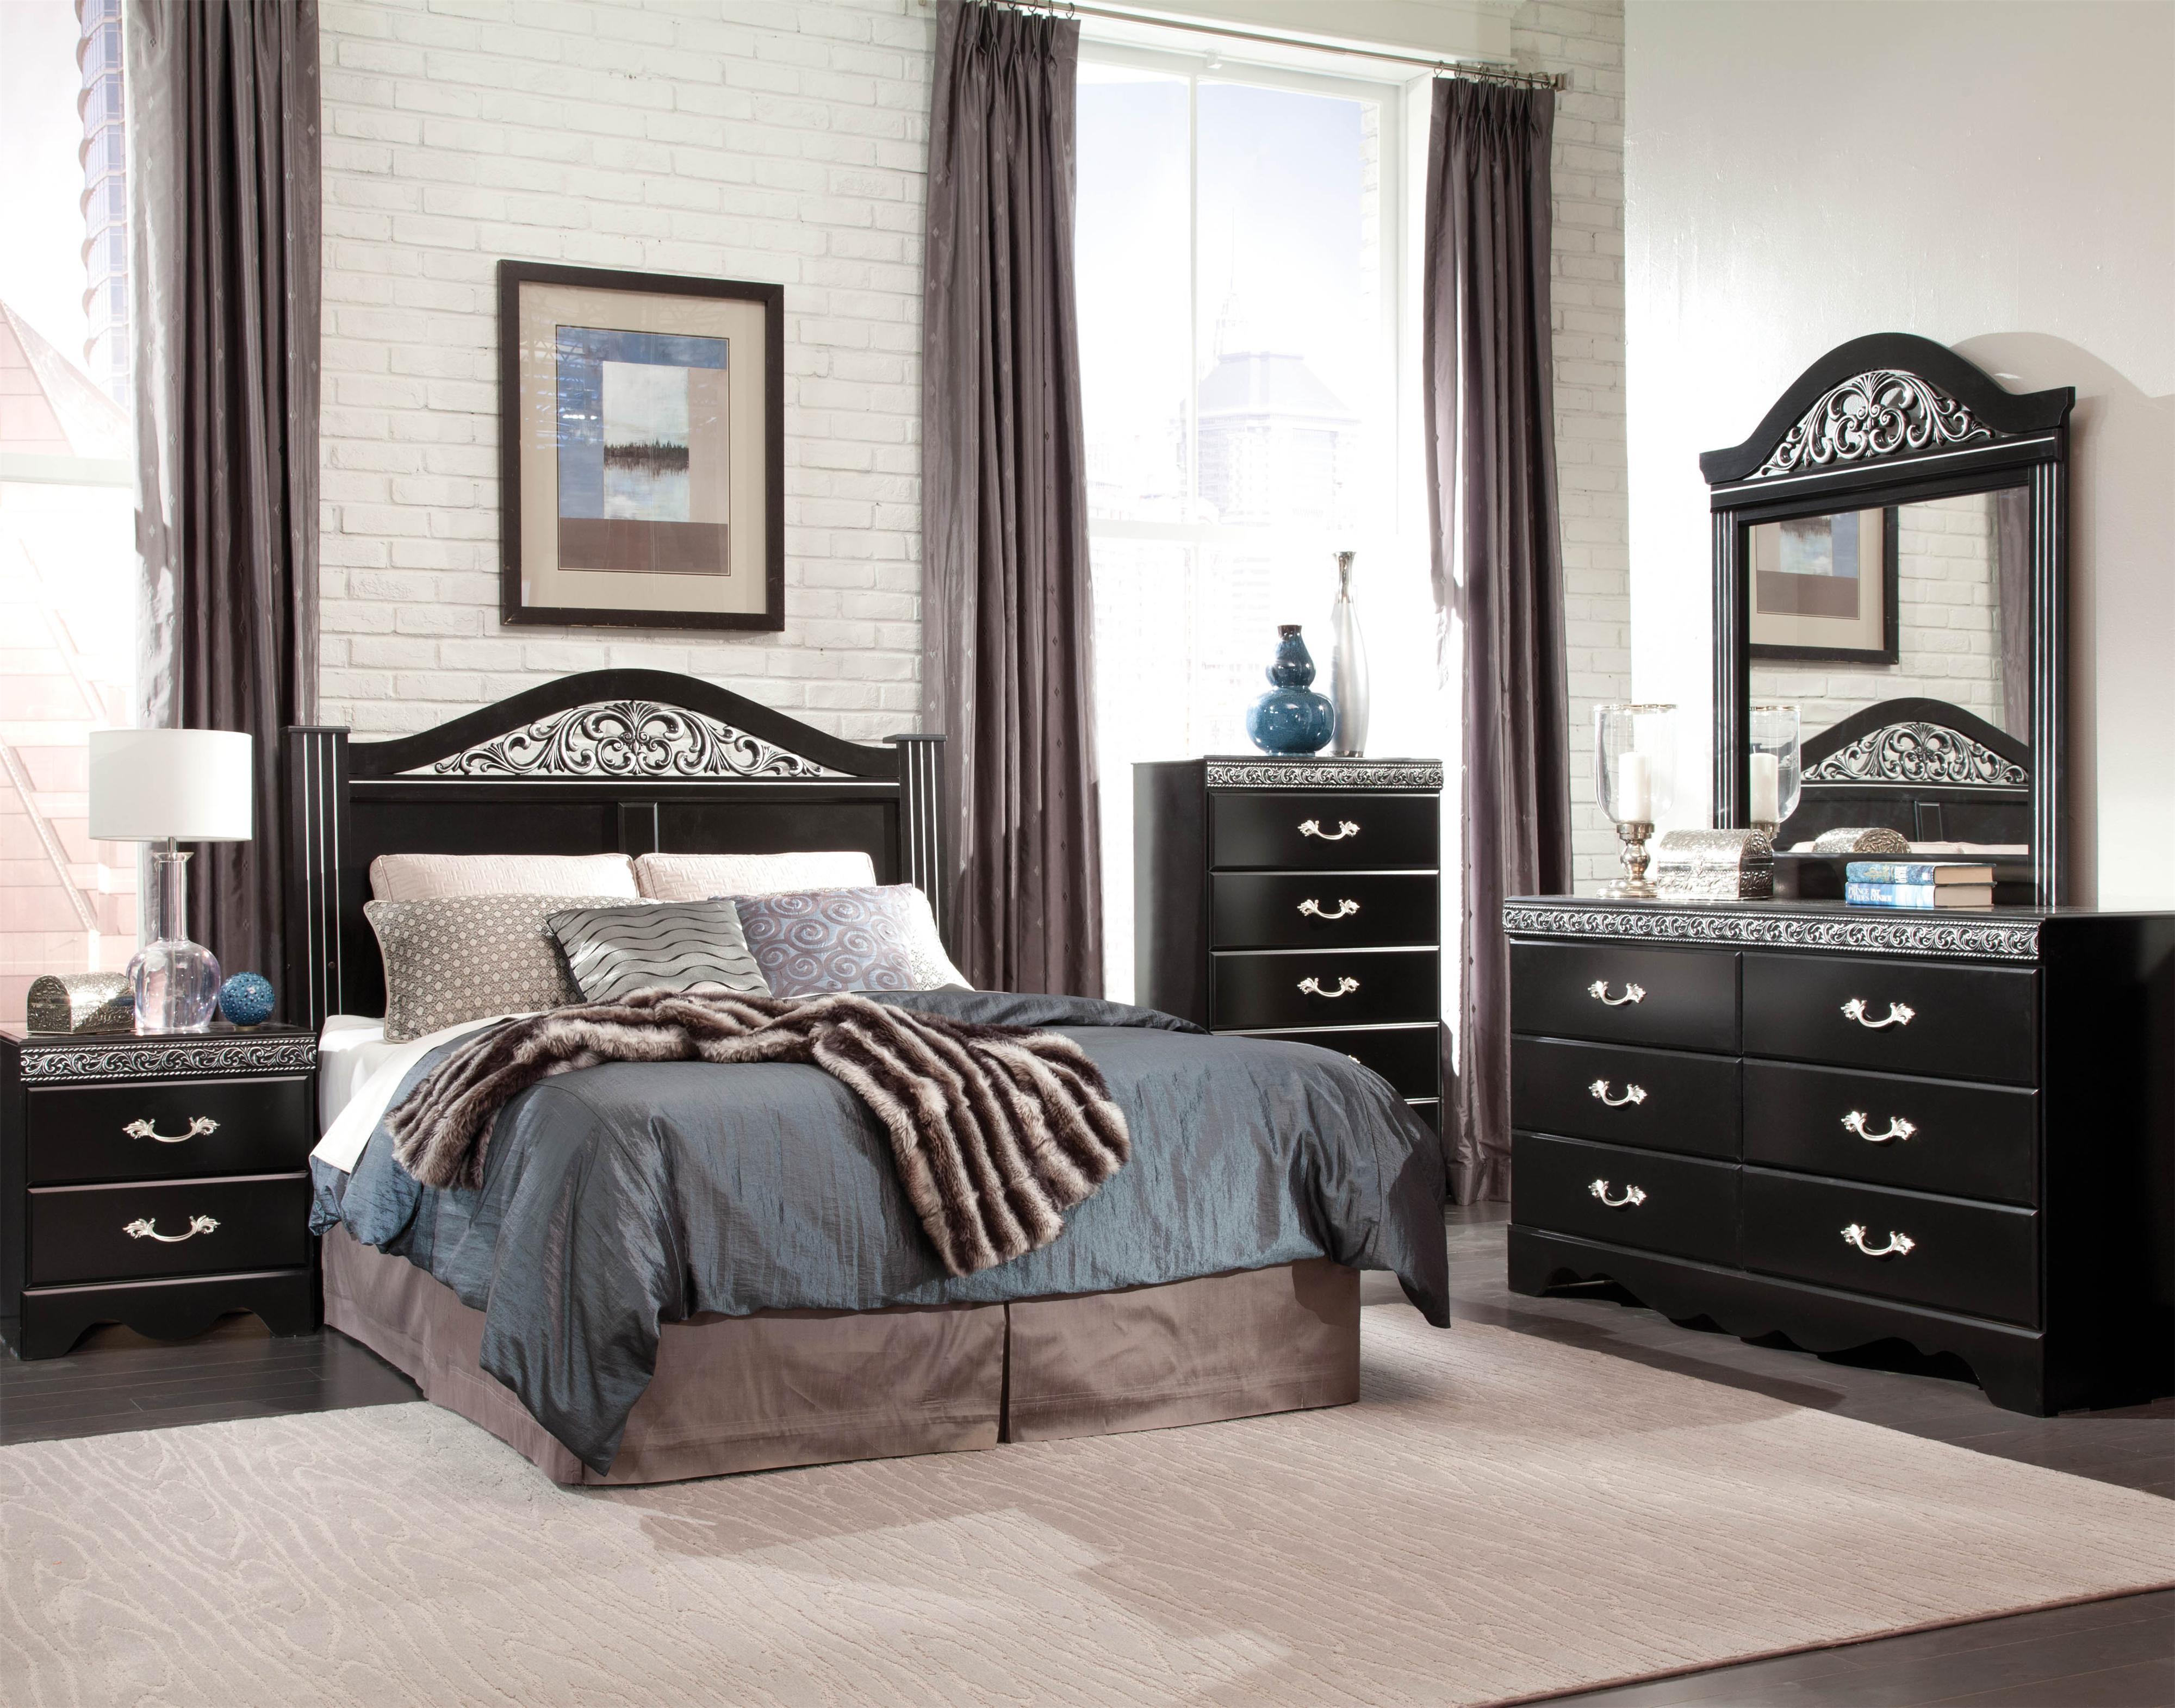 Standard Furniture Odessa Full/Queen Bedroom Group - Item Number: 69550 Queen Bedroom Group 2